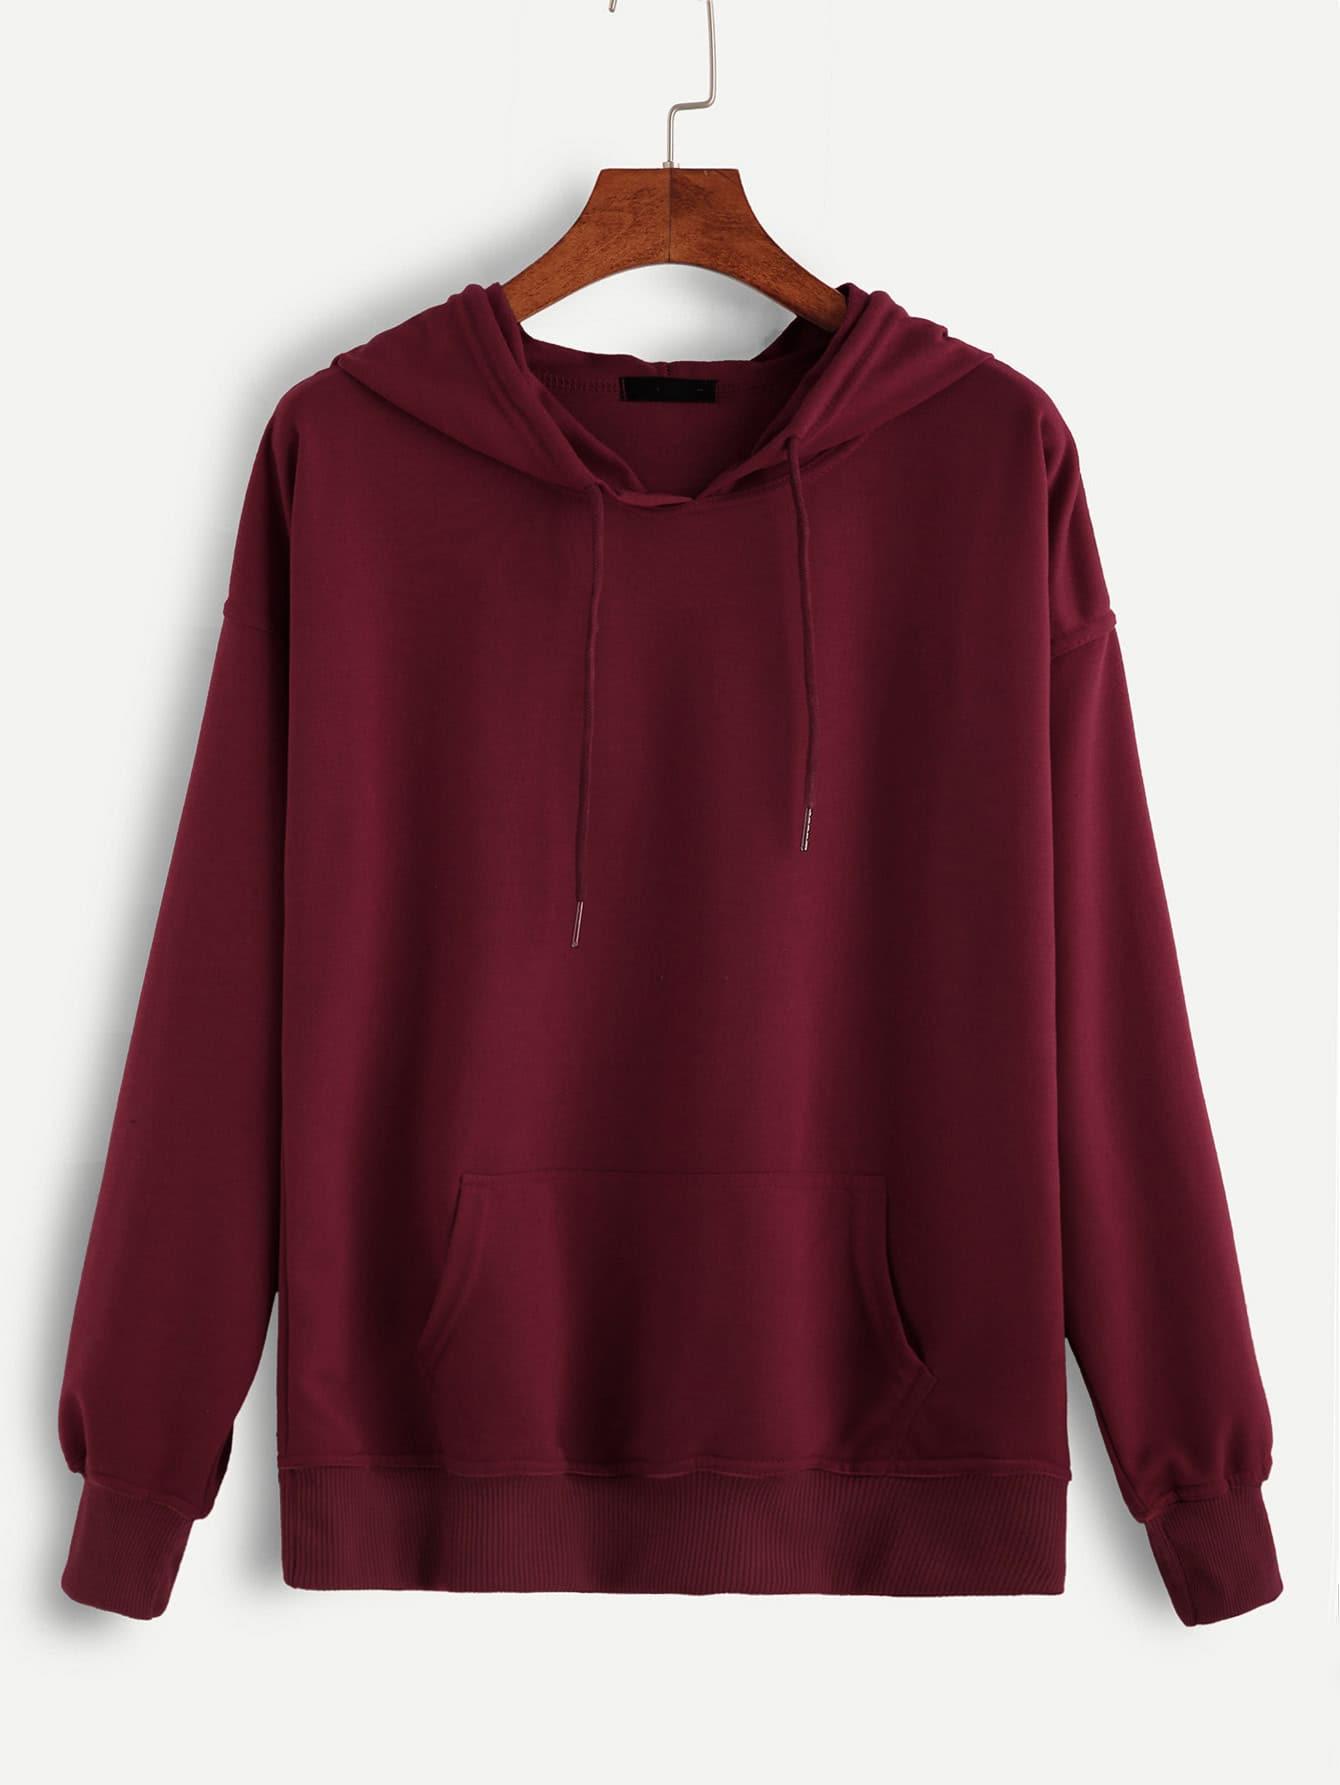 Drop Shoulder Ribbed Trim Hoodie sweatshirt160930102